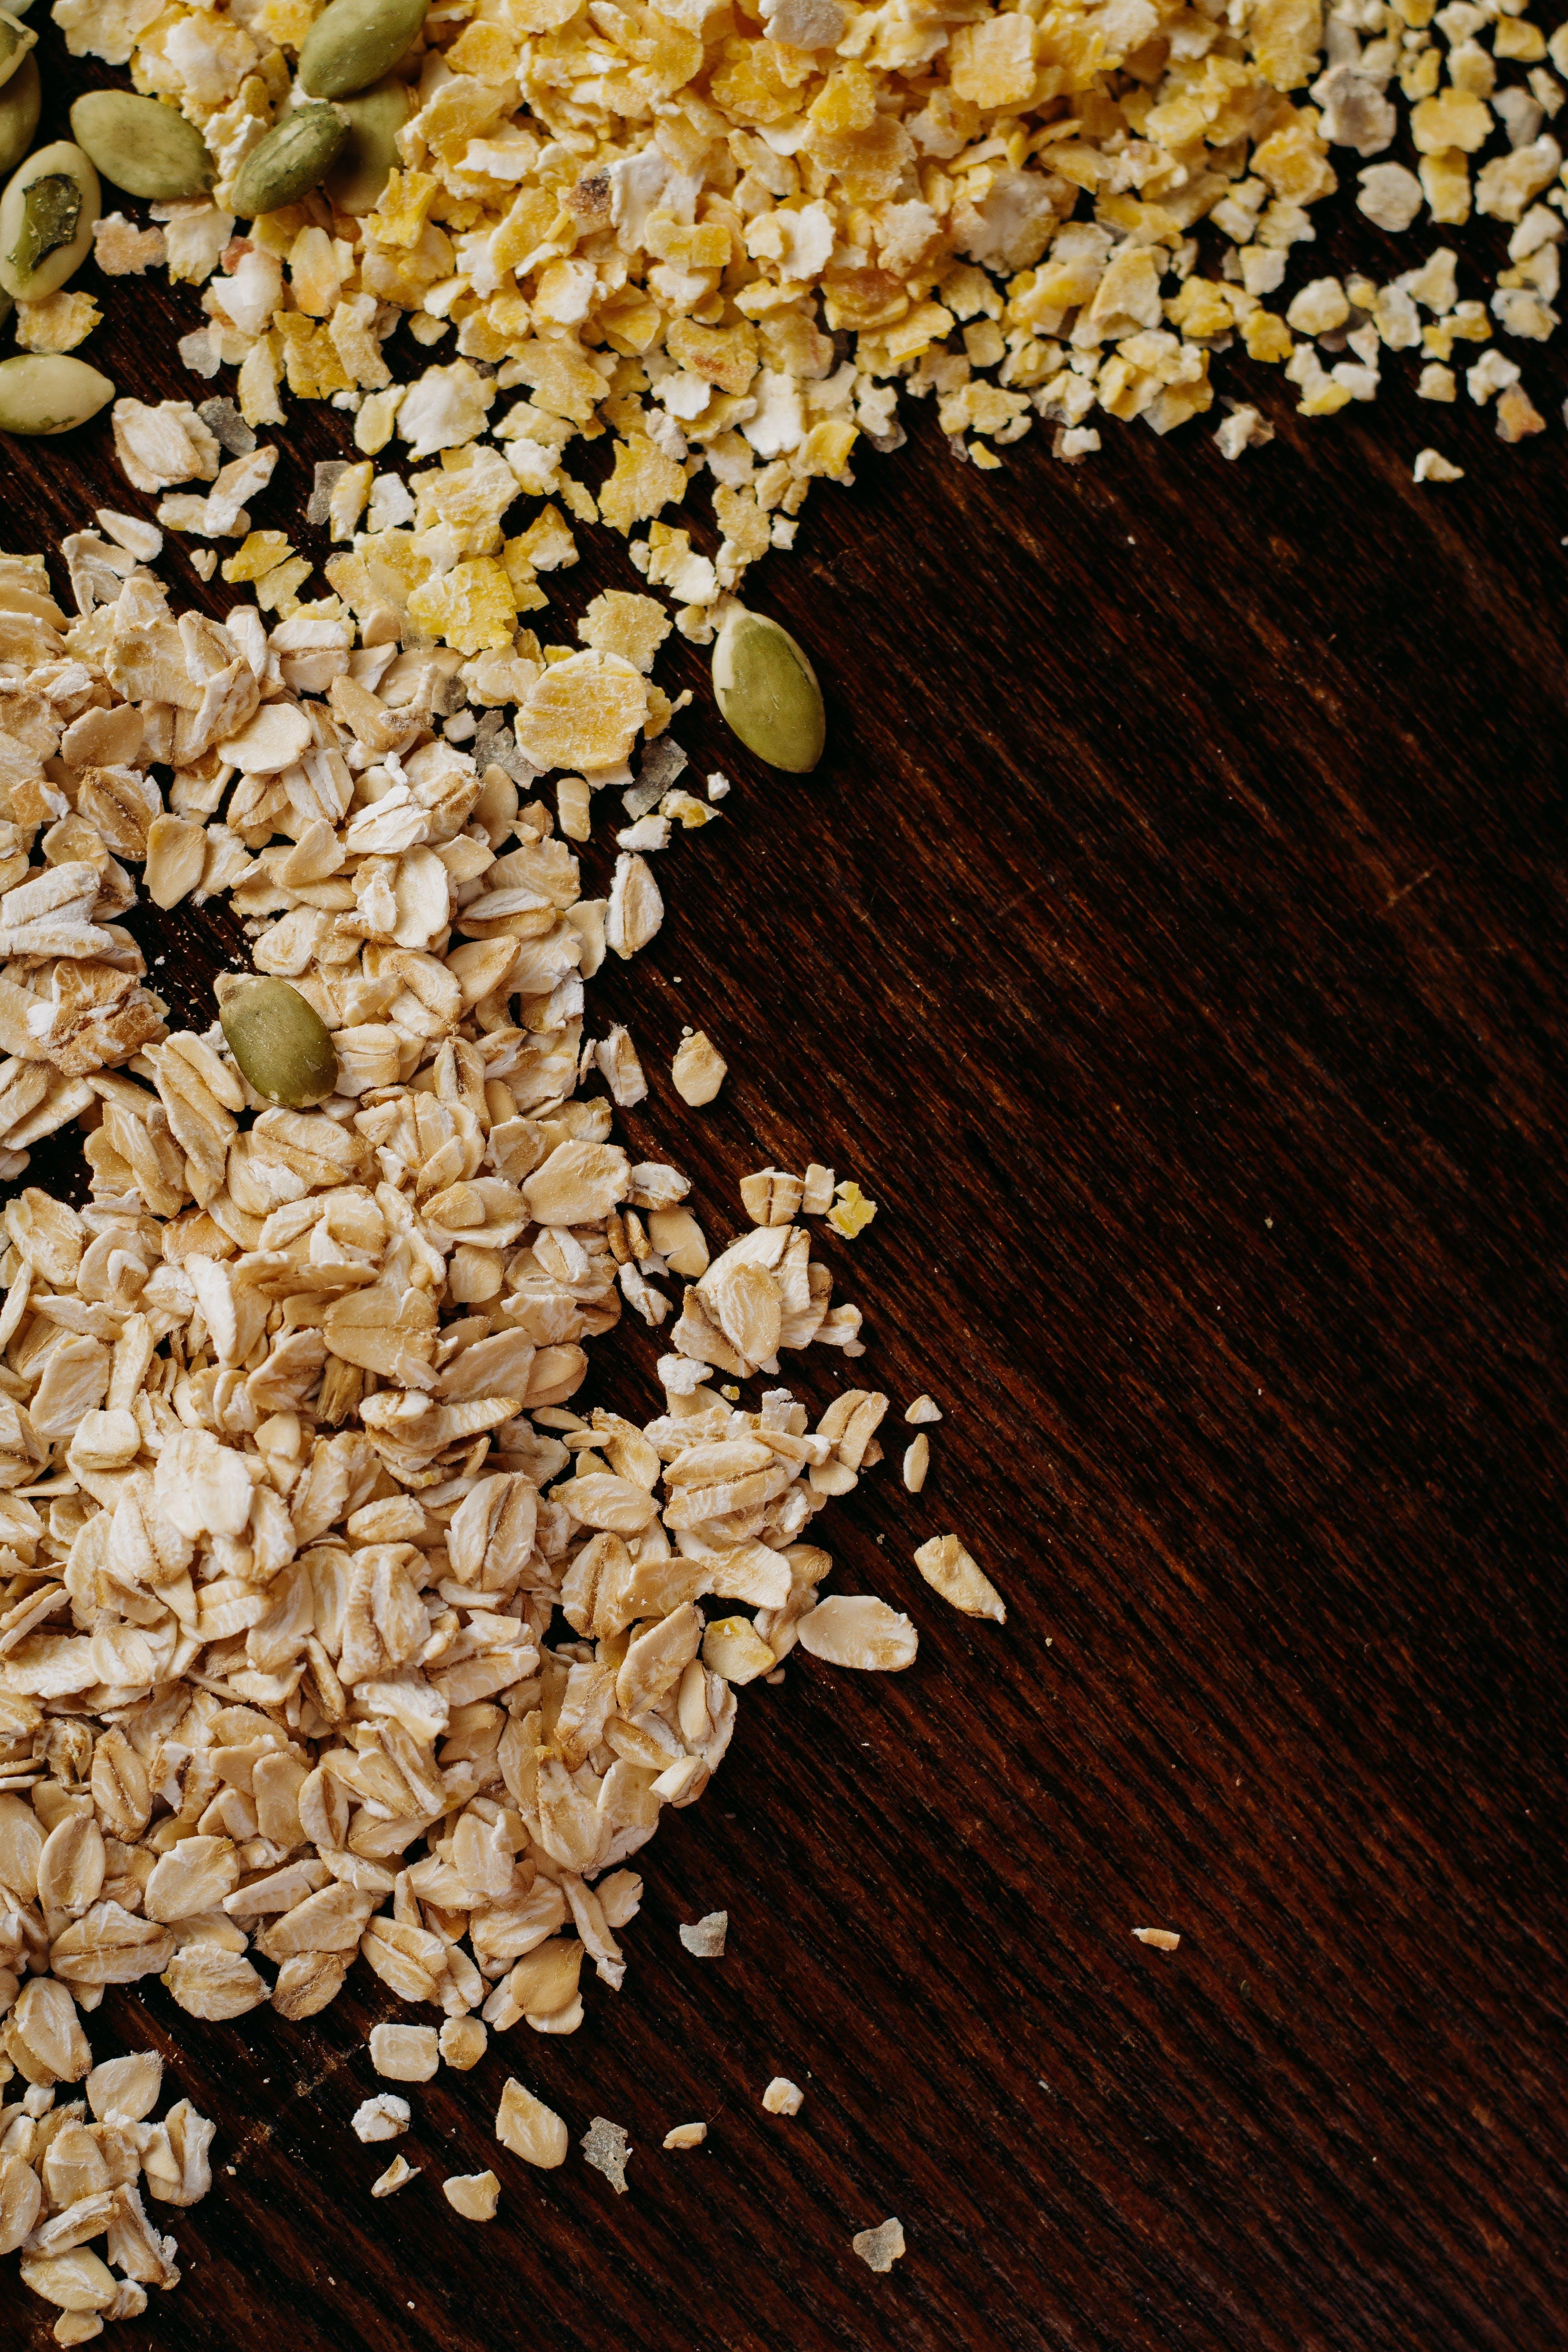 Kostenloses Stock Foto zu essen, gesund, getreide, holztisch